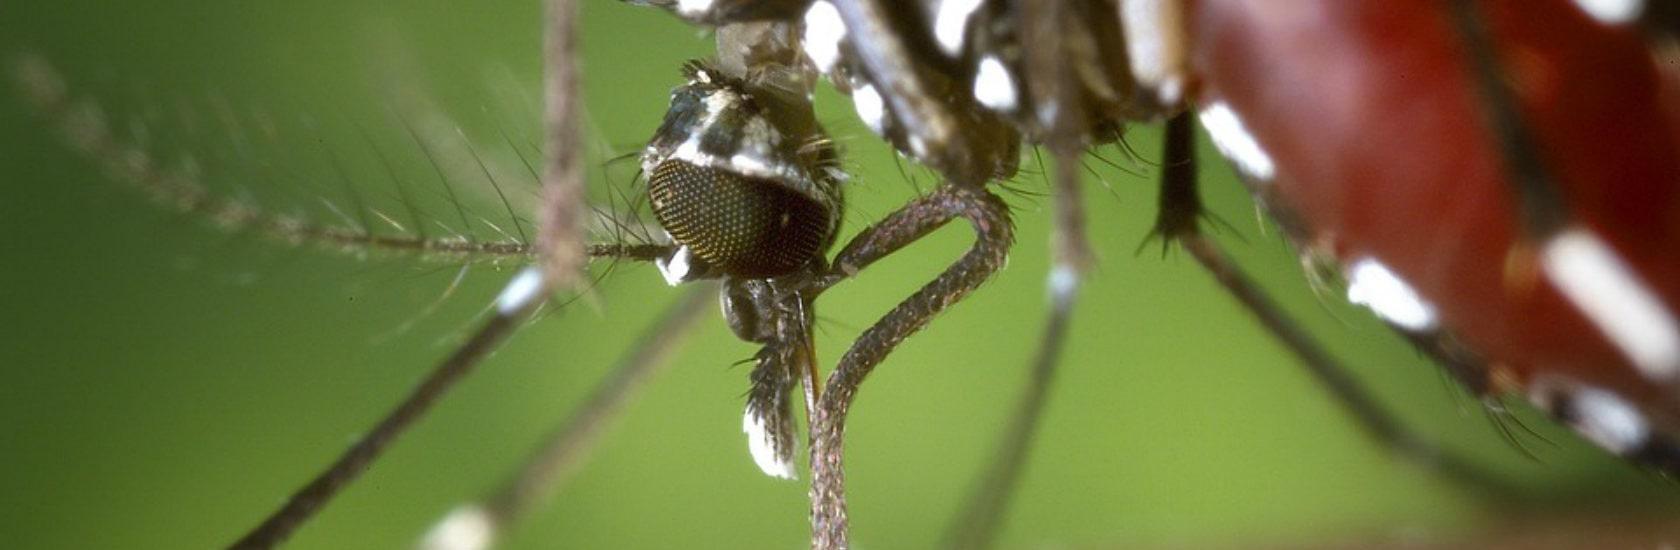 Installé dans le Bas-Rhin, le moustique-tigre désormais surveillé de près